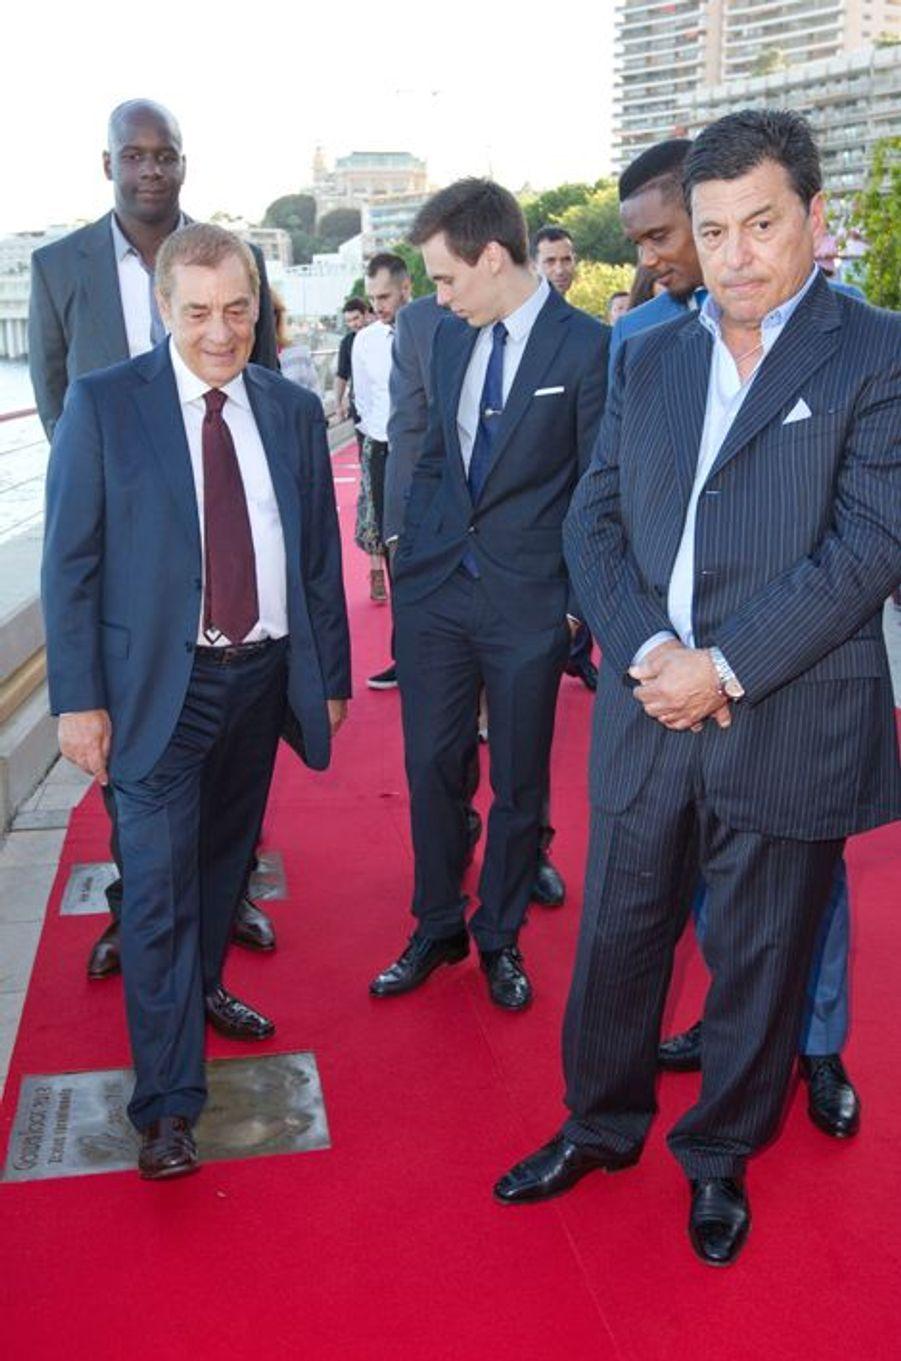 Louis Ducruet à Monaco, le 21 septembre 2015